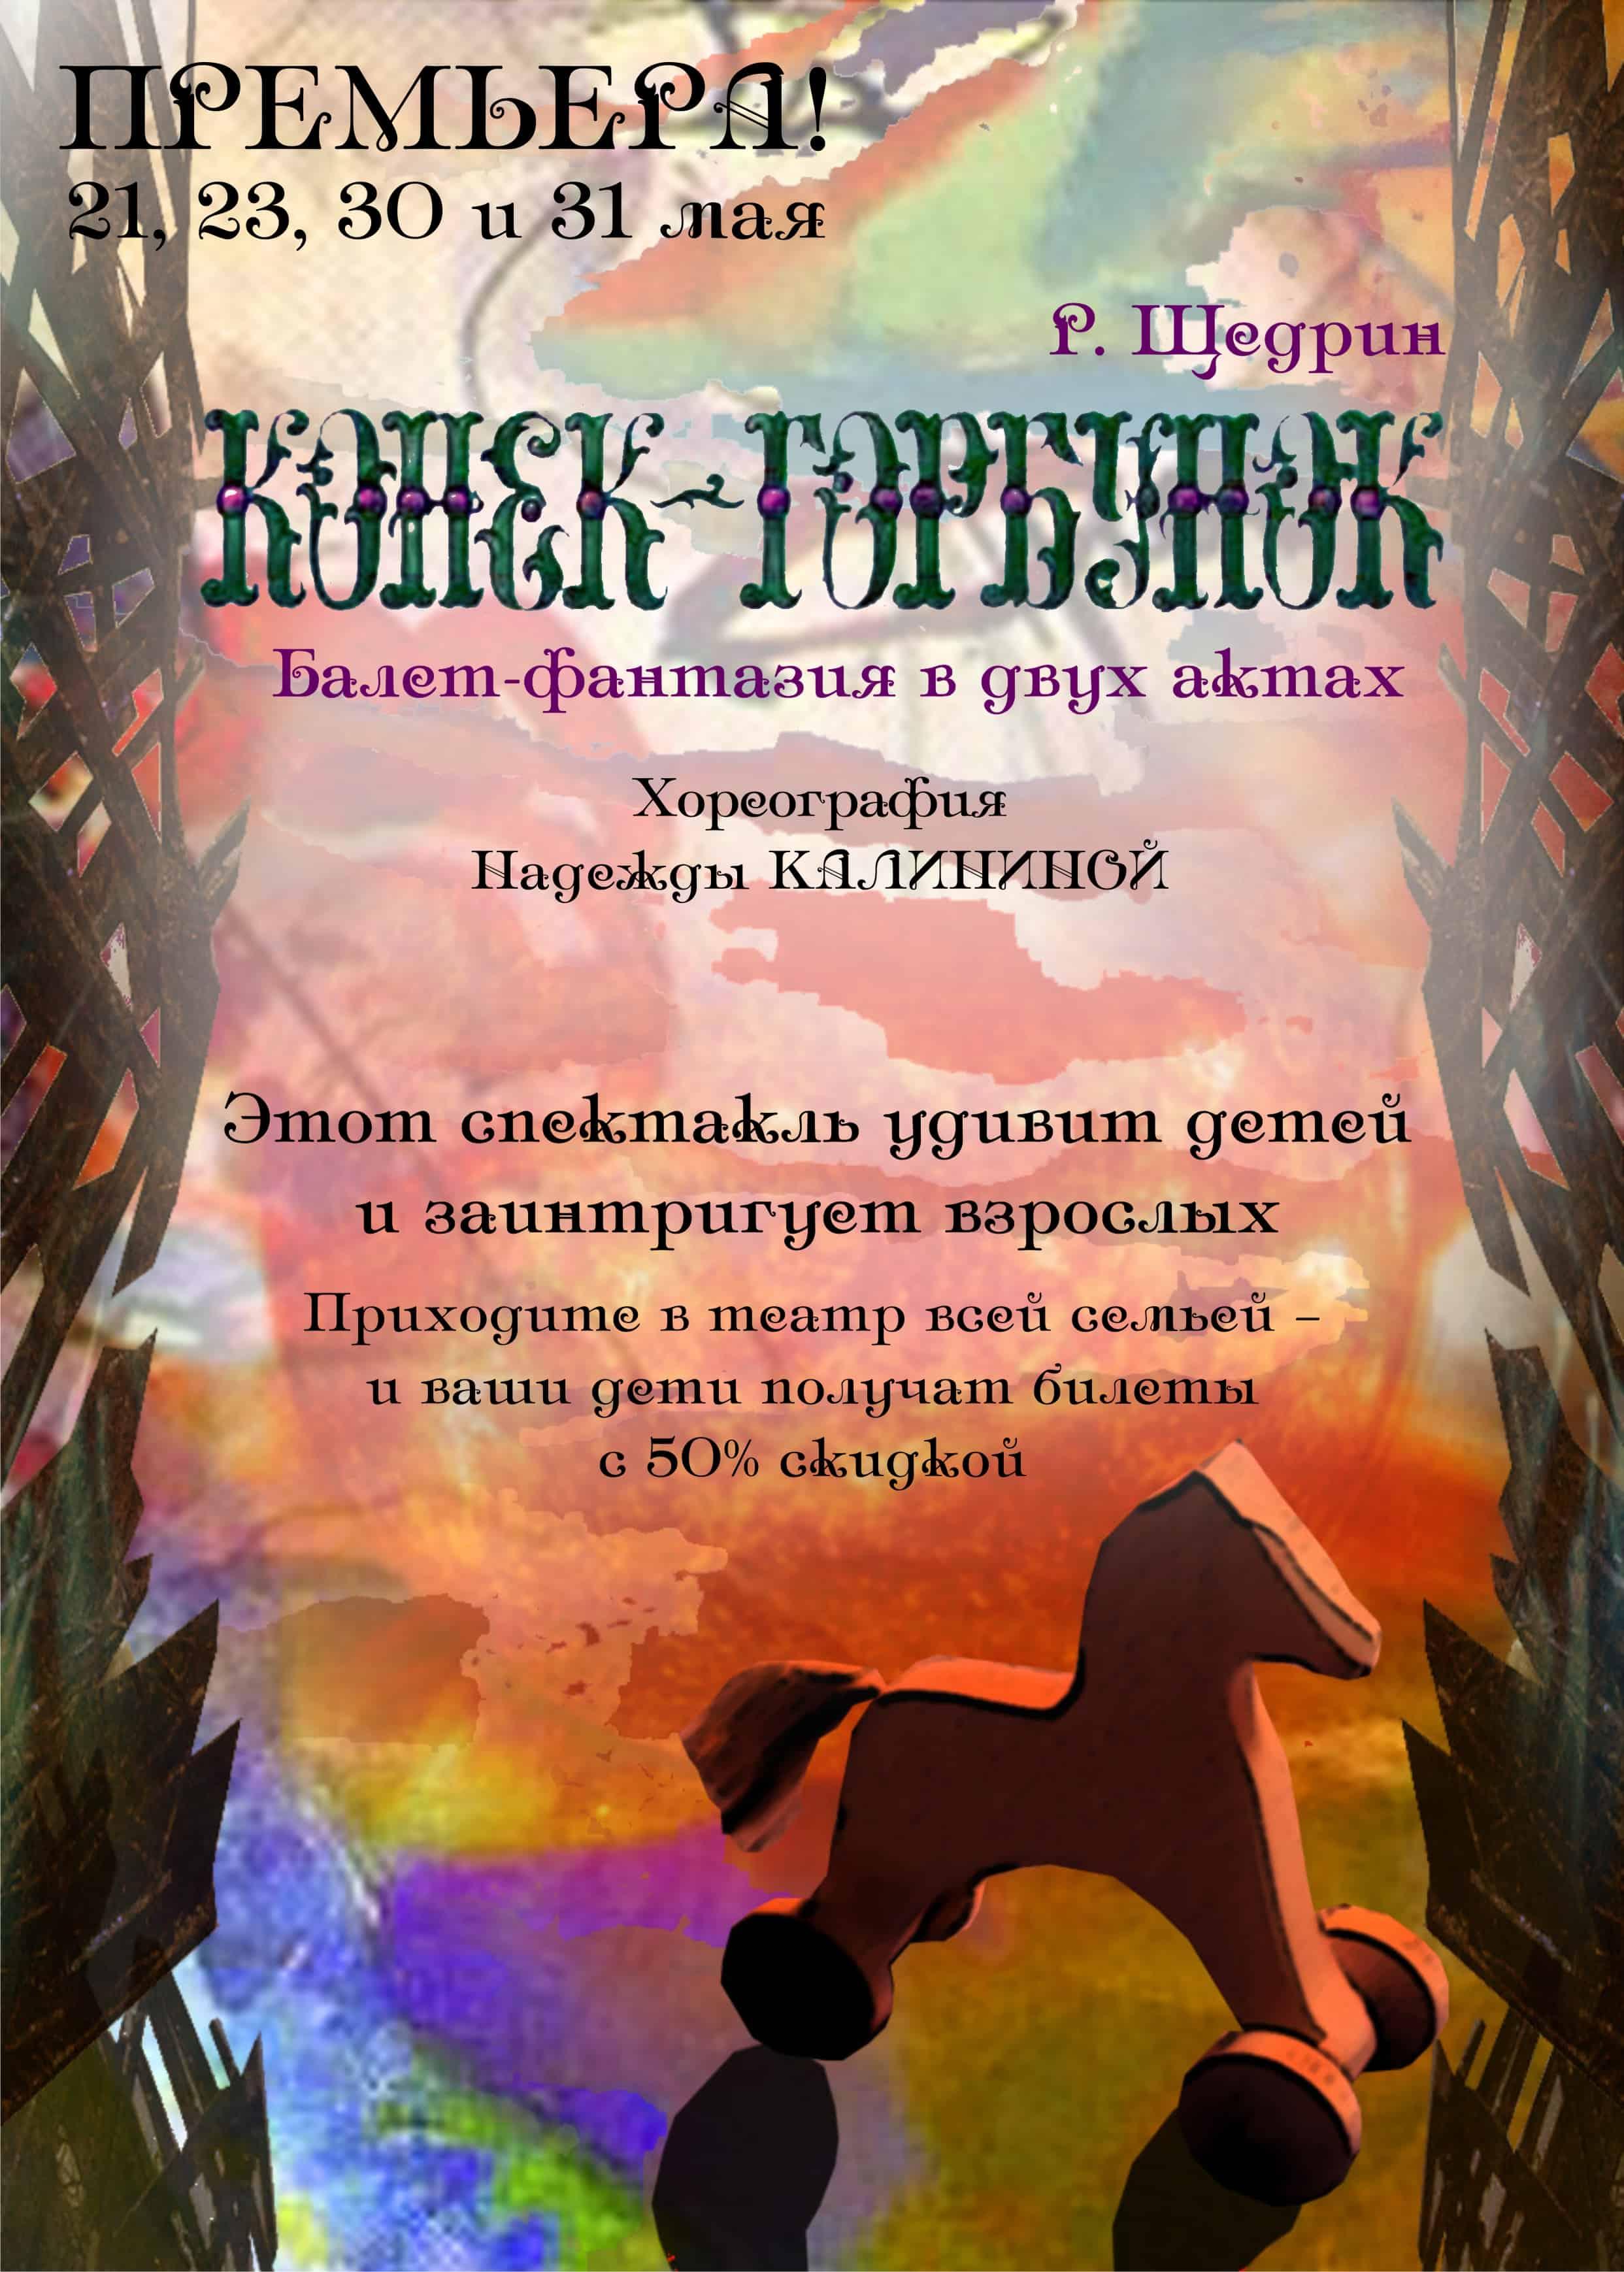 «Конёк-Горбунок» в Музыкальном театре